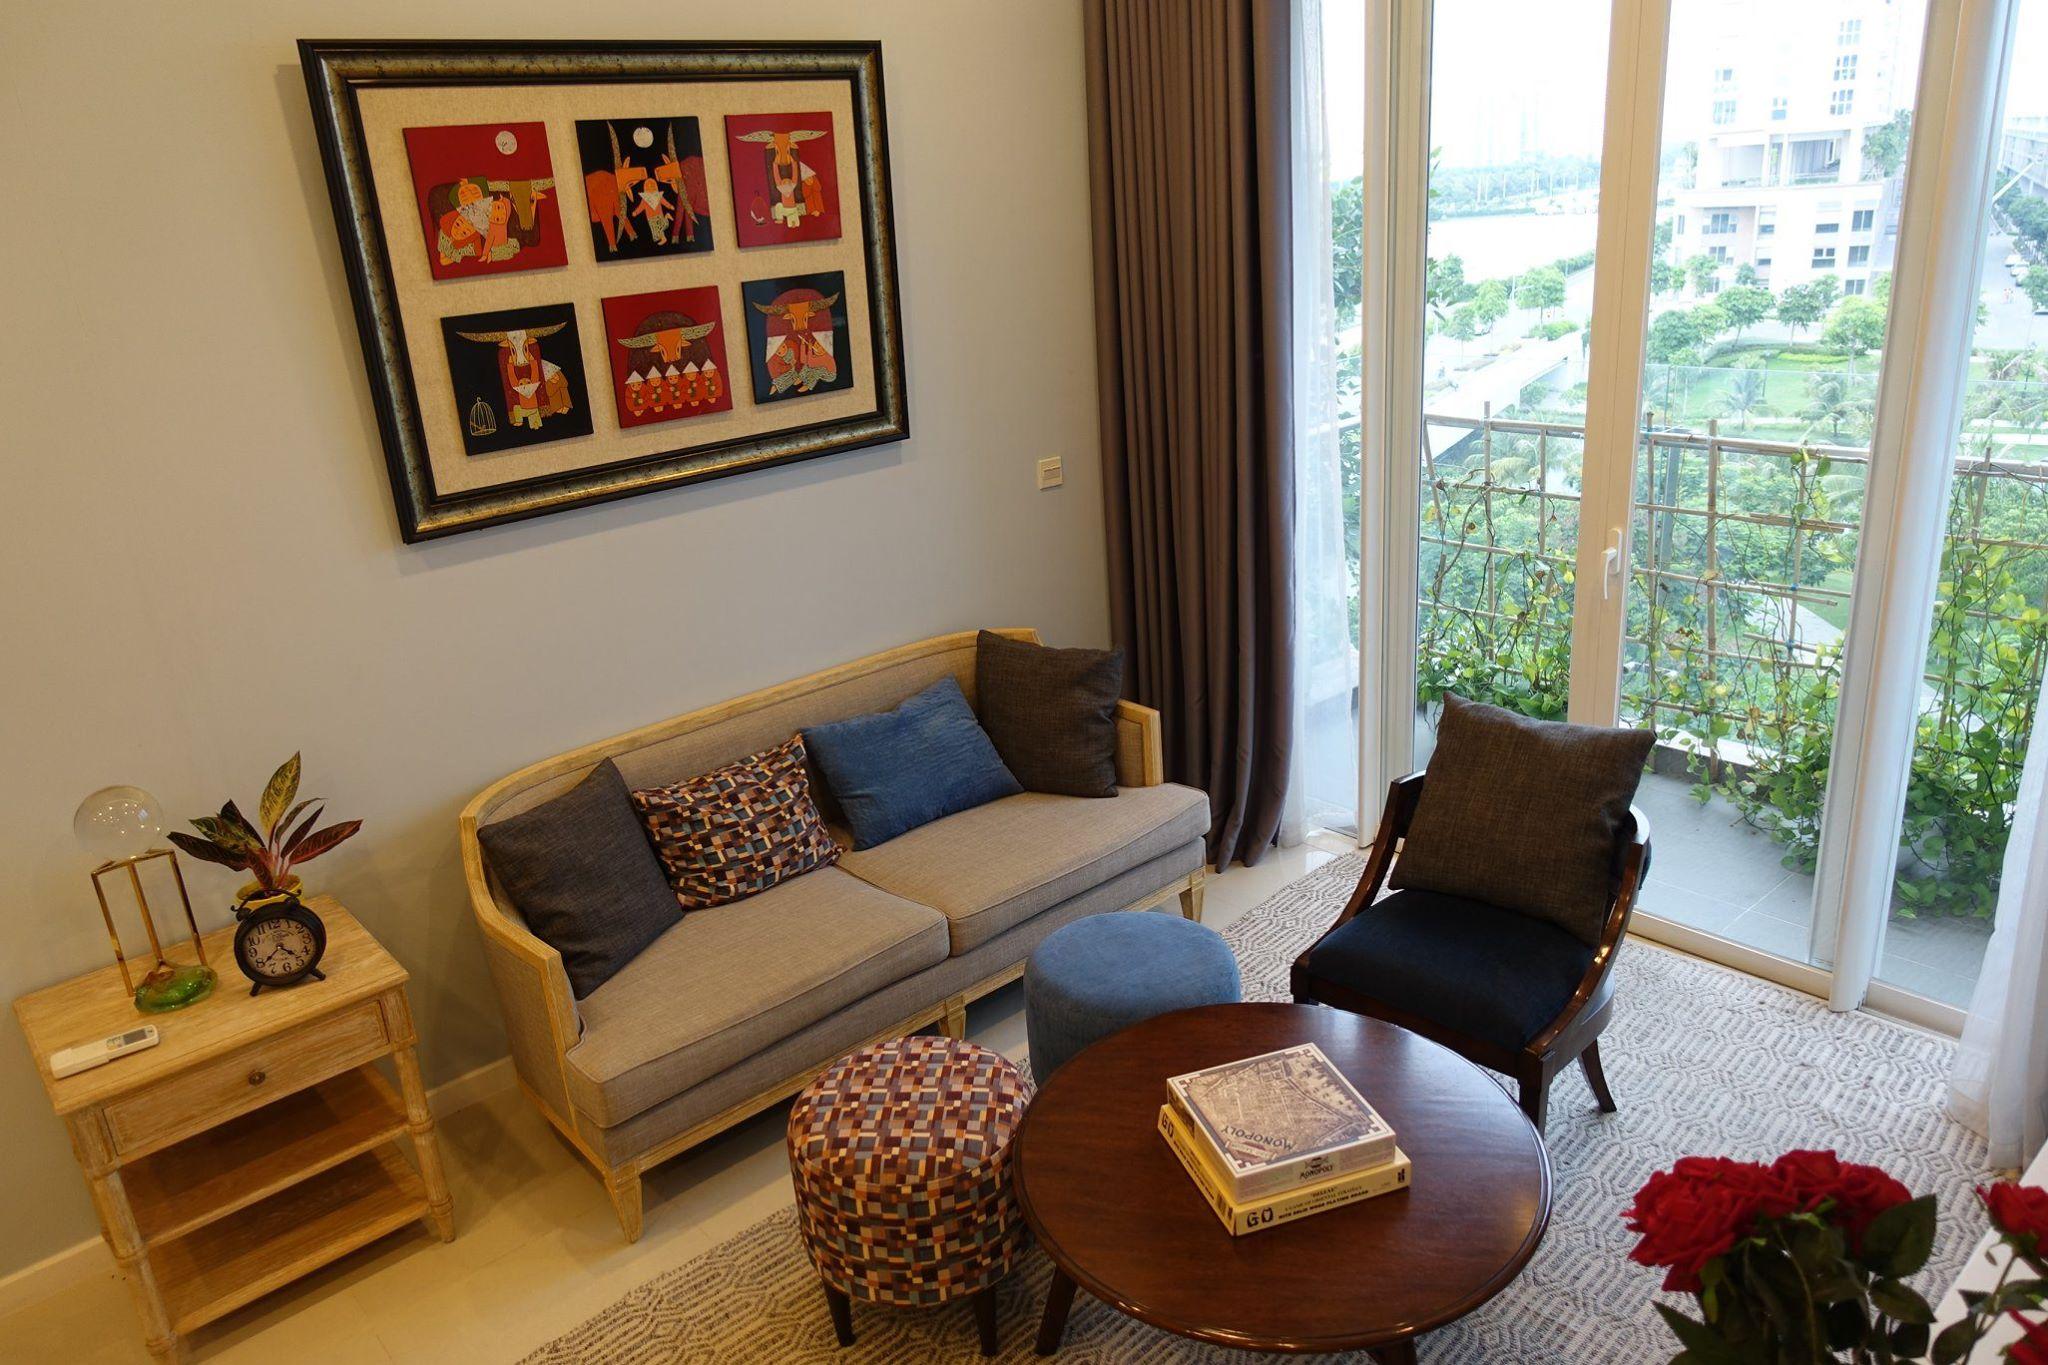 9 Cho thuê căn hộ tại Khu Đô Thị Sala - 82.5,2 - 2 phòng ngủ, 2 WC